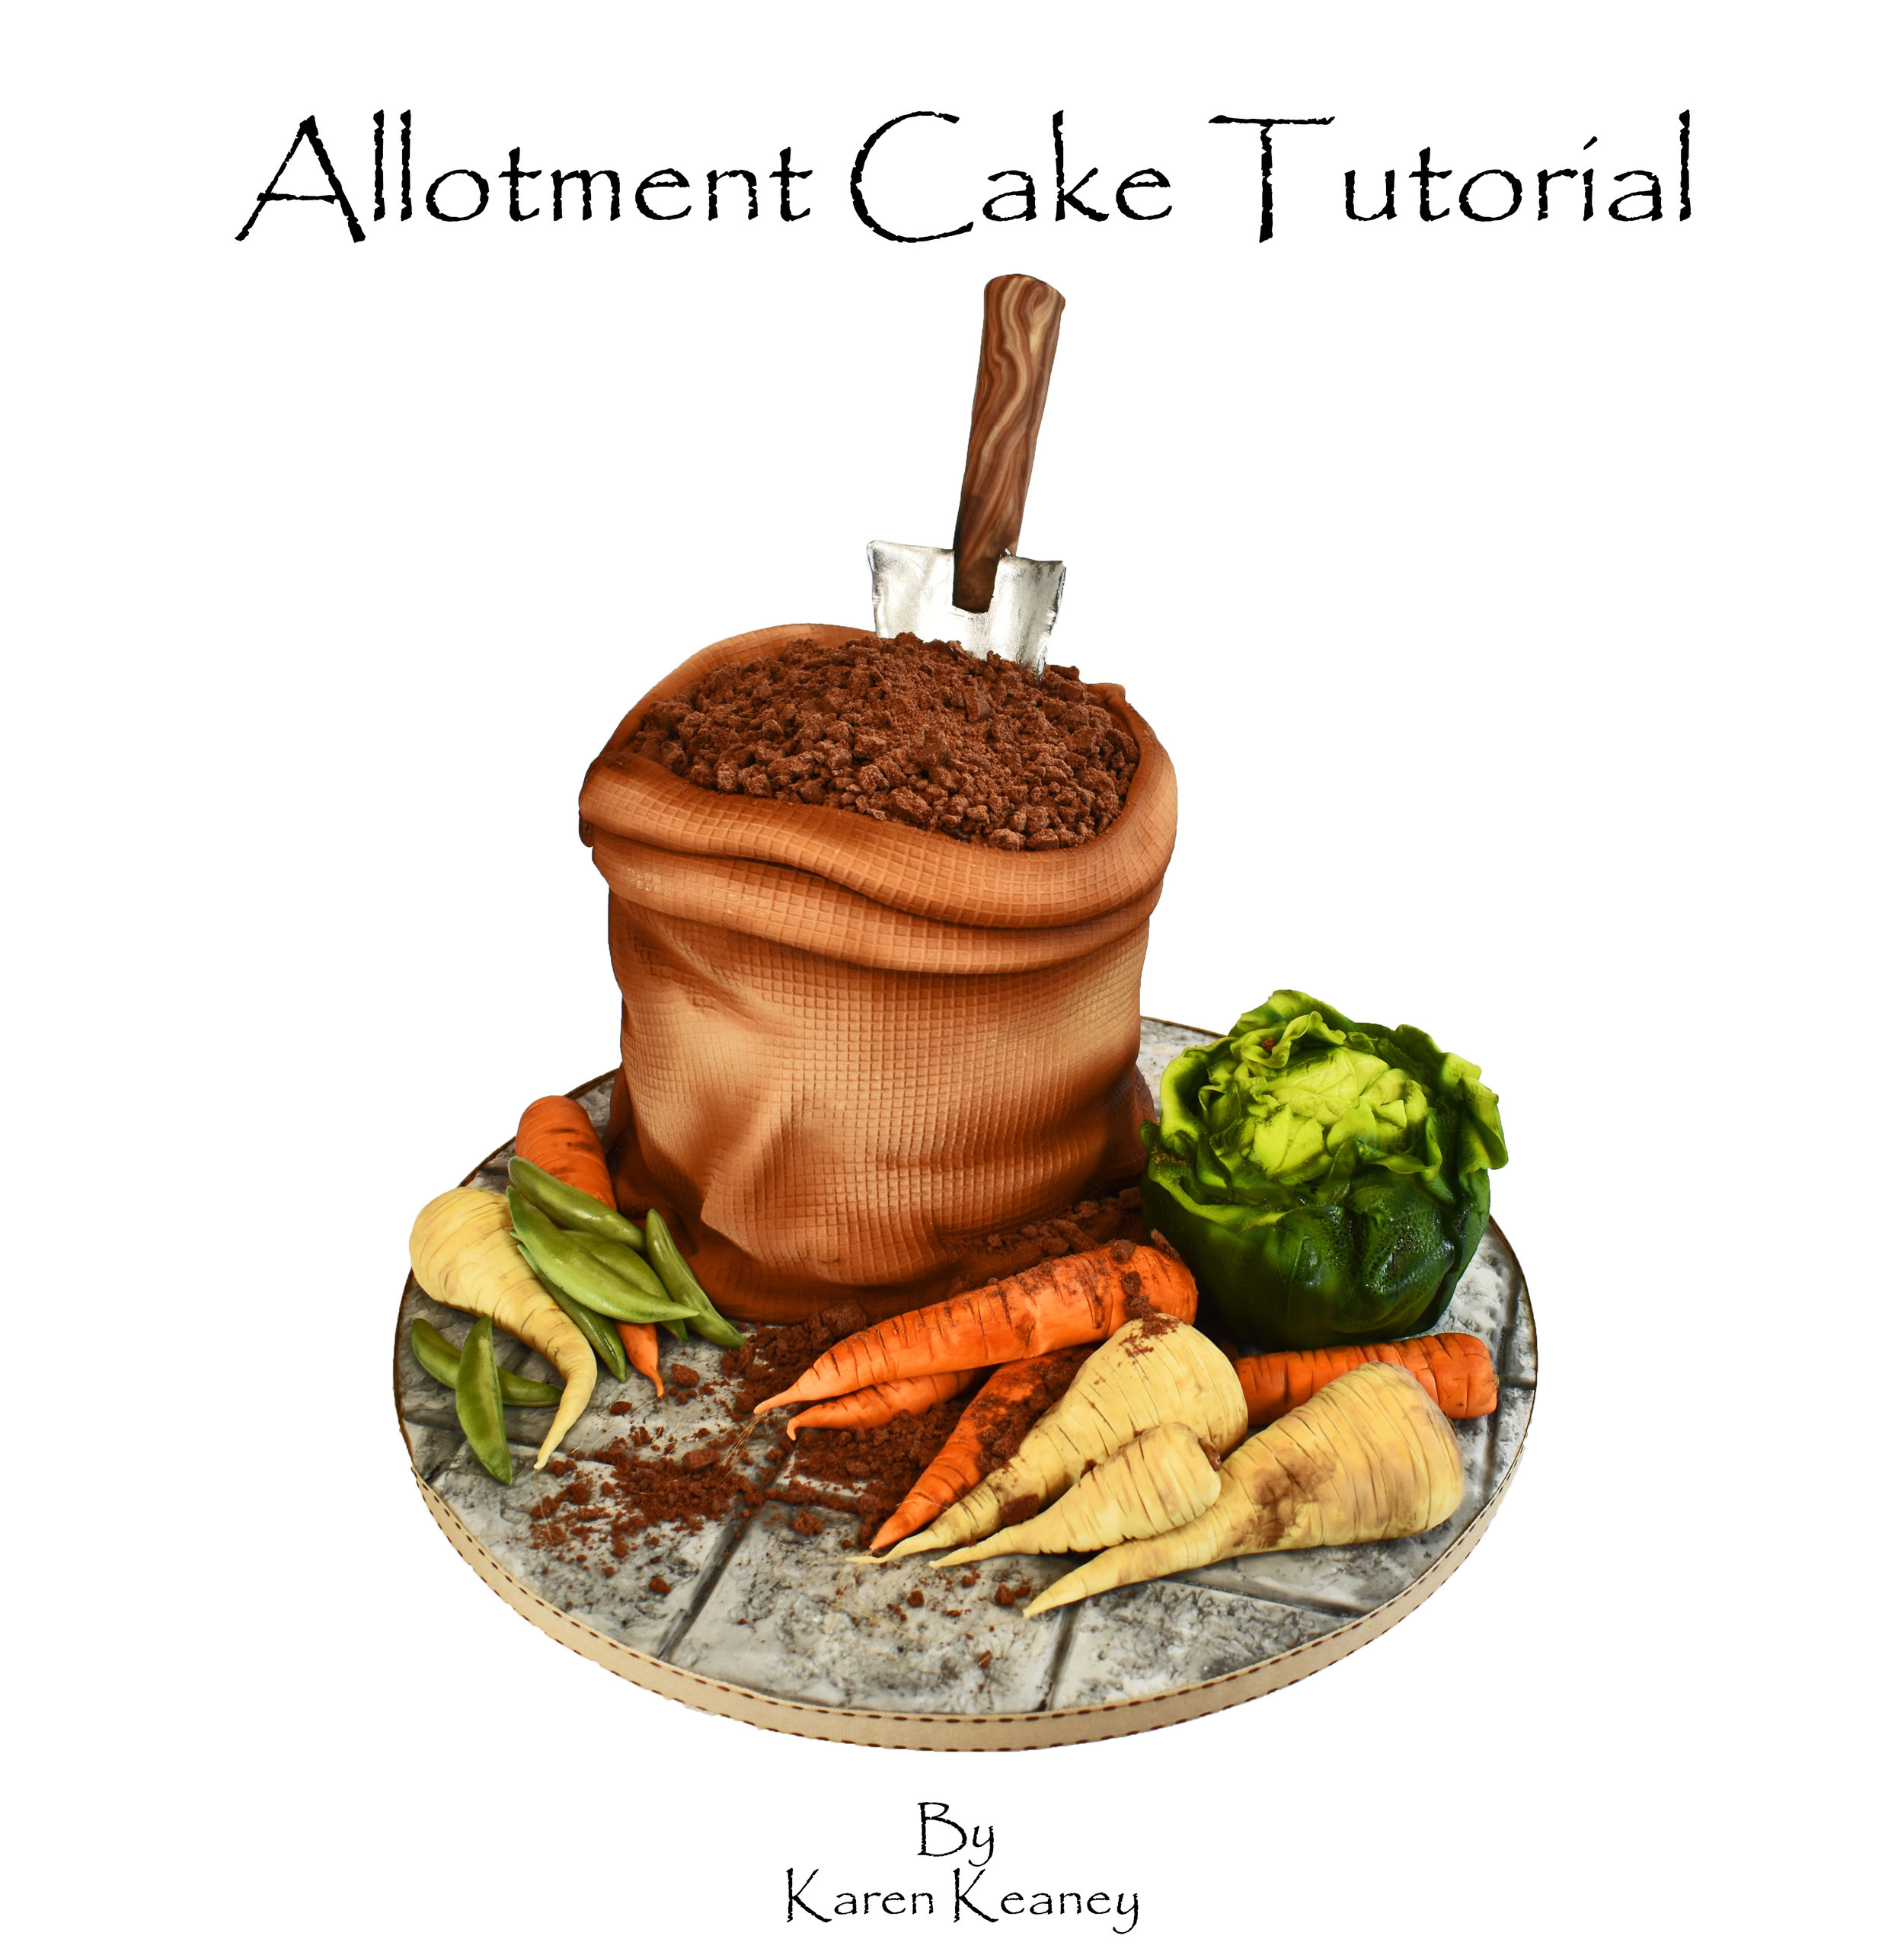 allotment cake tutorial poster 2.jpg